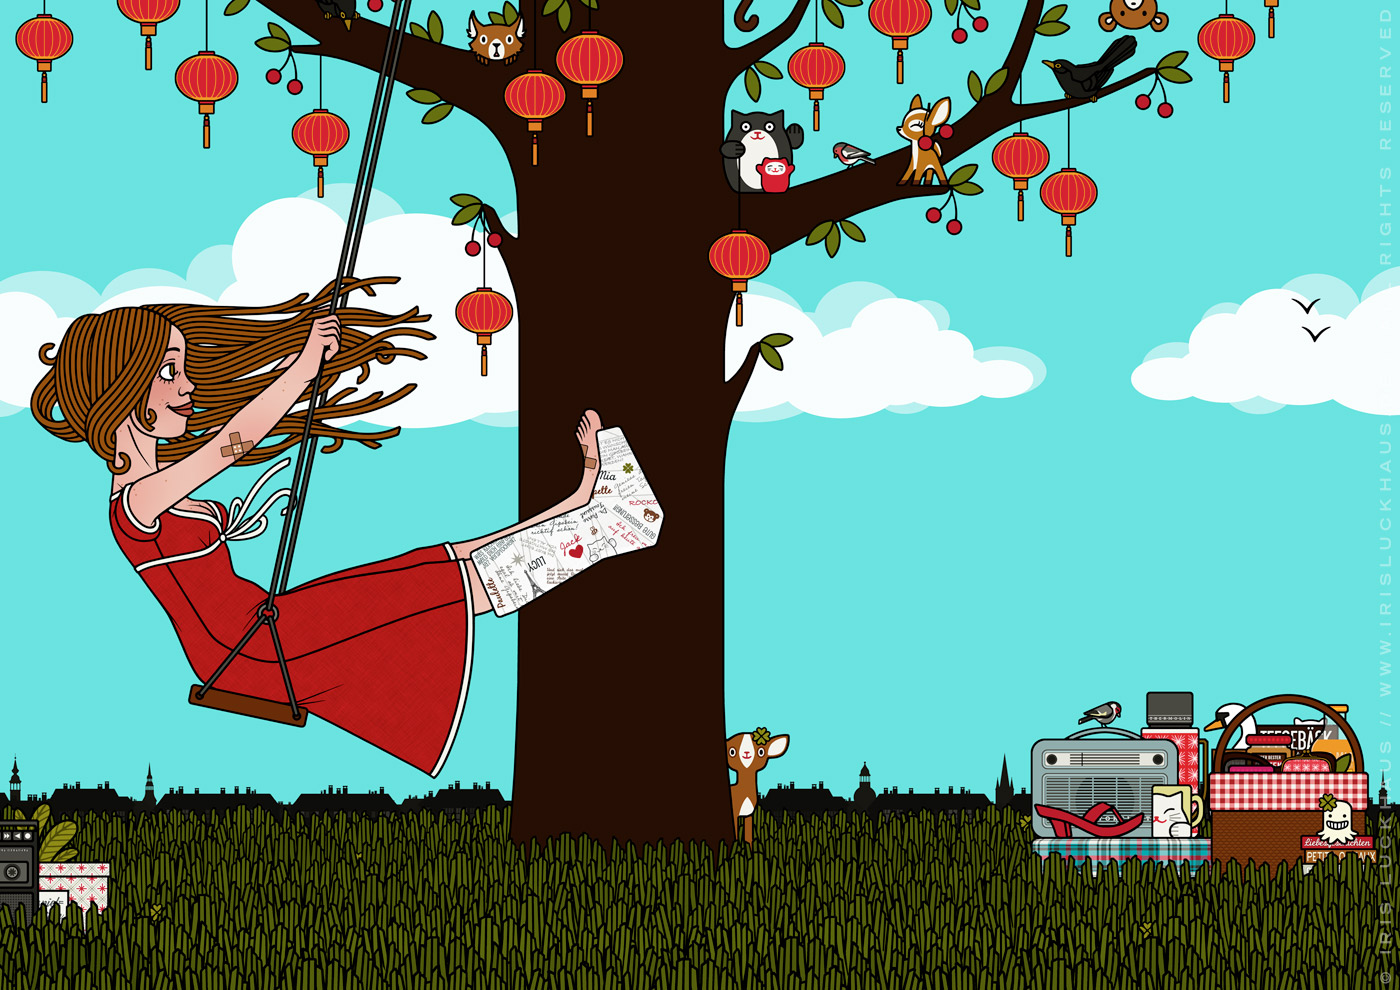 Die wunderbare Welt der Lily Lux von Iris Luckhaus und Zeichnung von Mädchen mit Gipsbein auf einer Schaukel am Kirschbaum im Glück im Unglück für Lily Lux von Iris Luckhaus